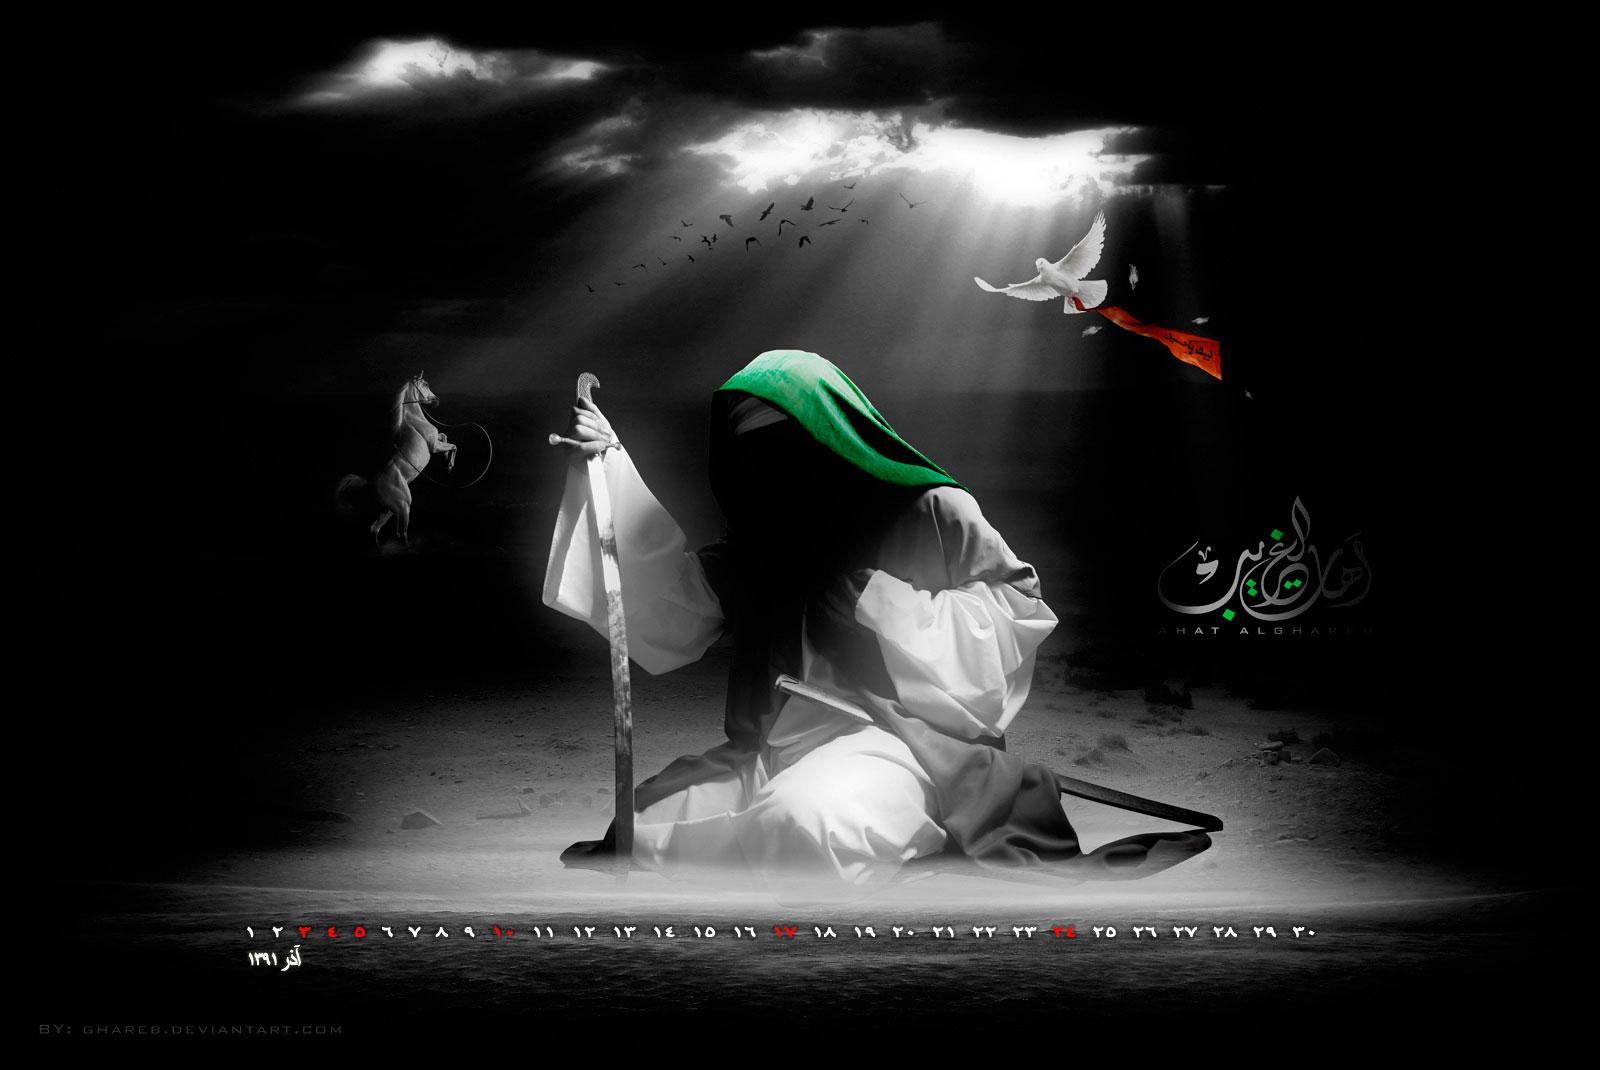 Картинки про смерть с надписями мусульманские, смешными лицами